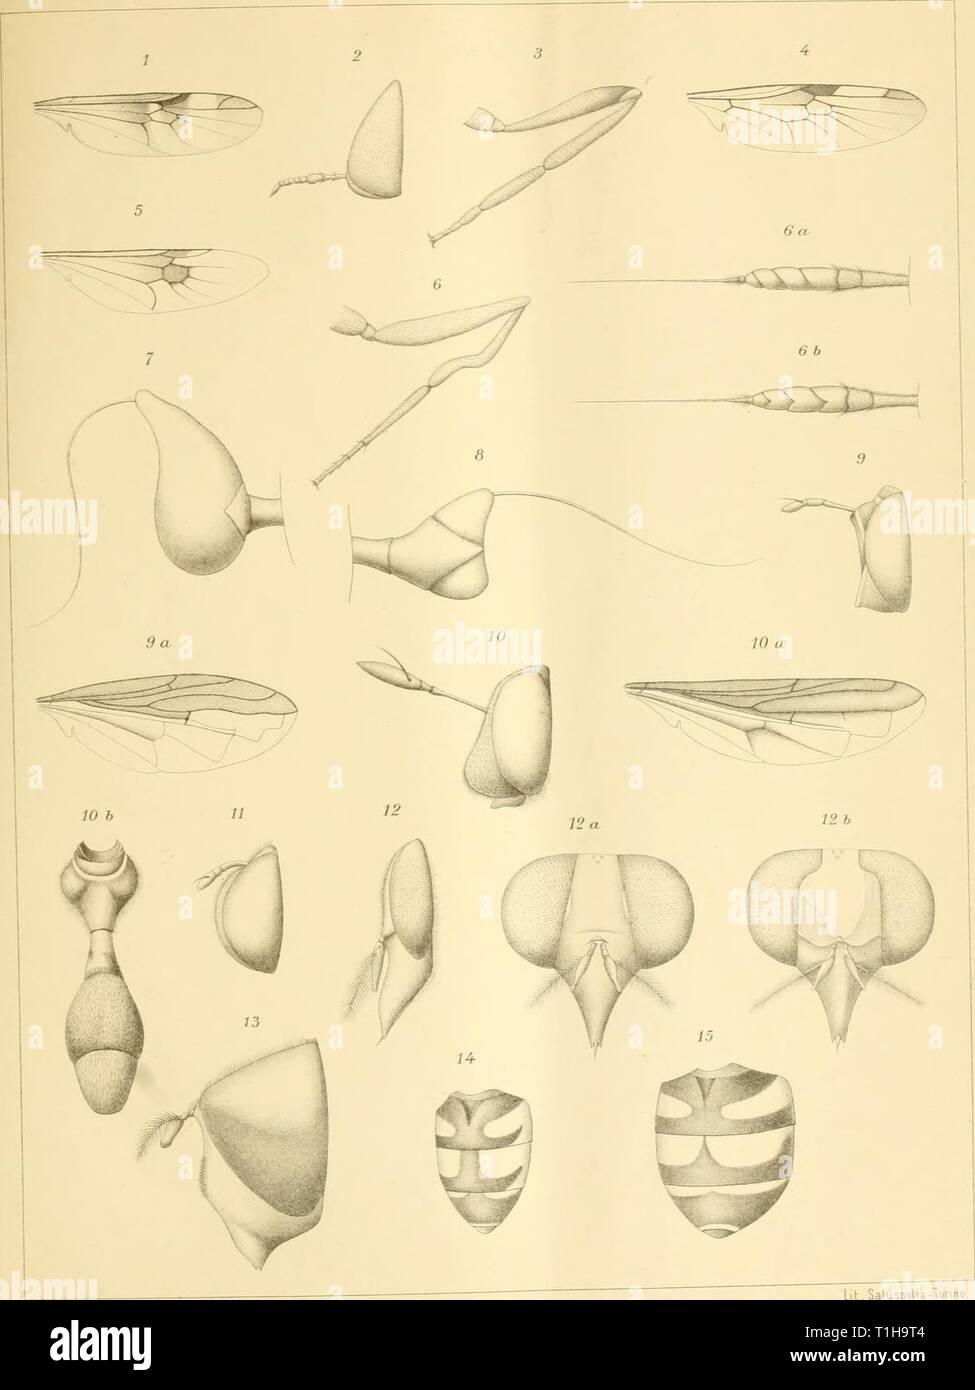 Ditteri del Messico (1892) Ditteri del Messico ditteridelmessic00gigl Anno: 1892 lll. Salussolia-Torino E. Giglio-Tos diseg. Foto Stock